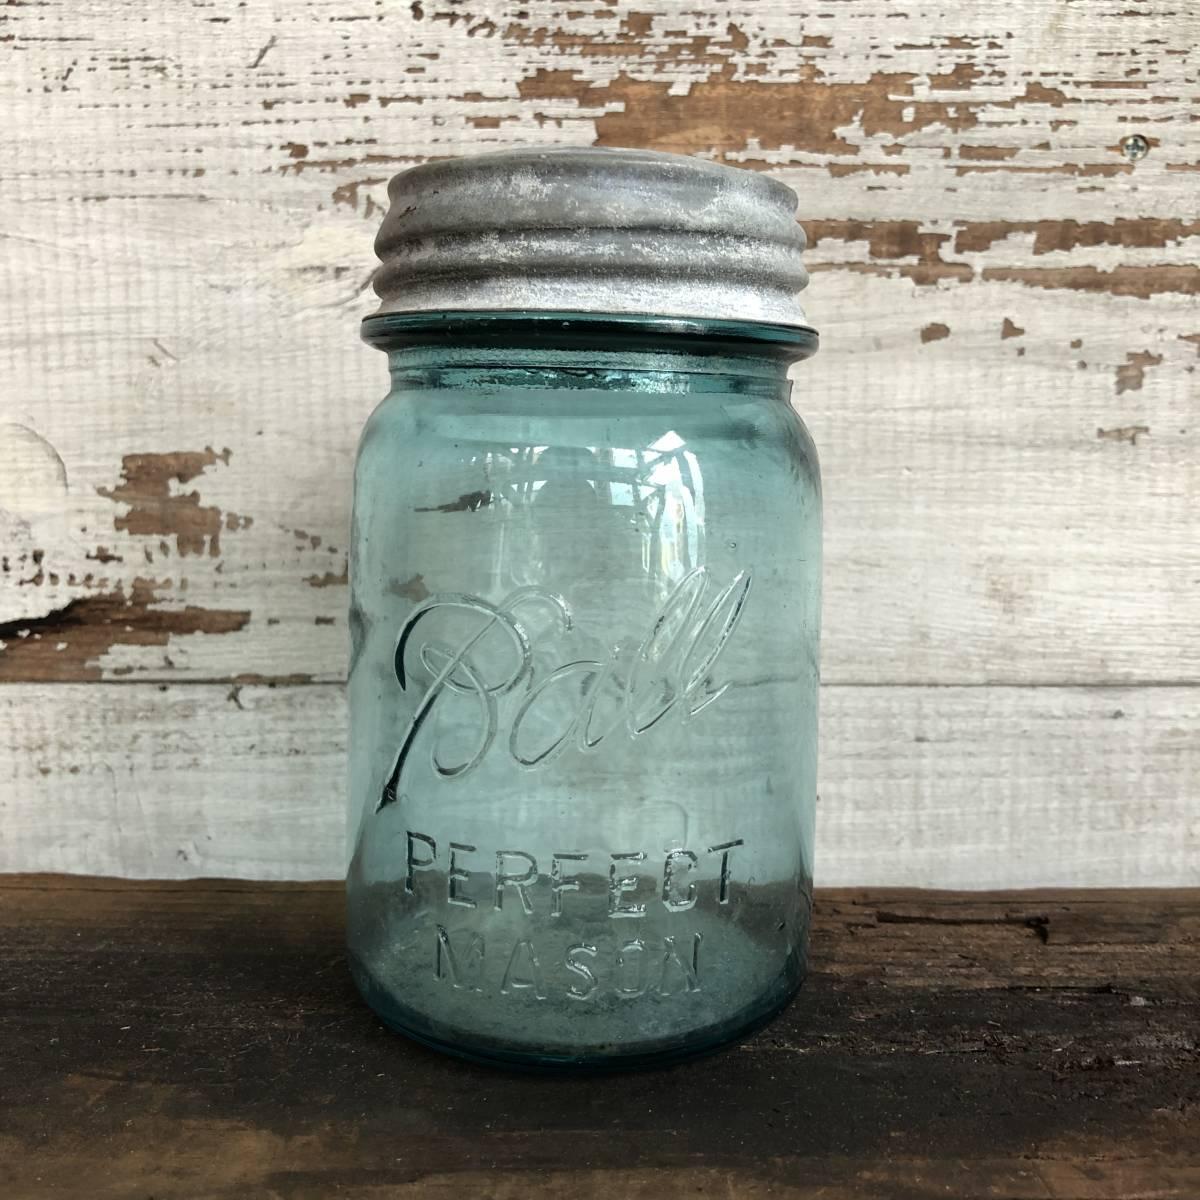 即決⑩ 1930's ball 14cm ヴィンテージ メイソンジャー ガラス瓶 キッチン ジャンク シャビー アクセサリー パーツ 金具 雑貨 小物 収納_画像1